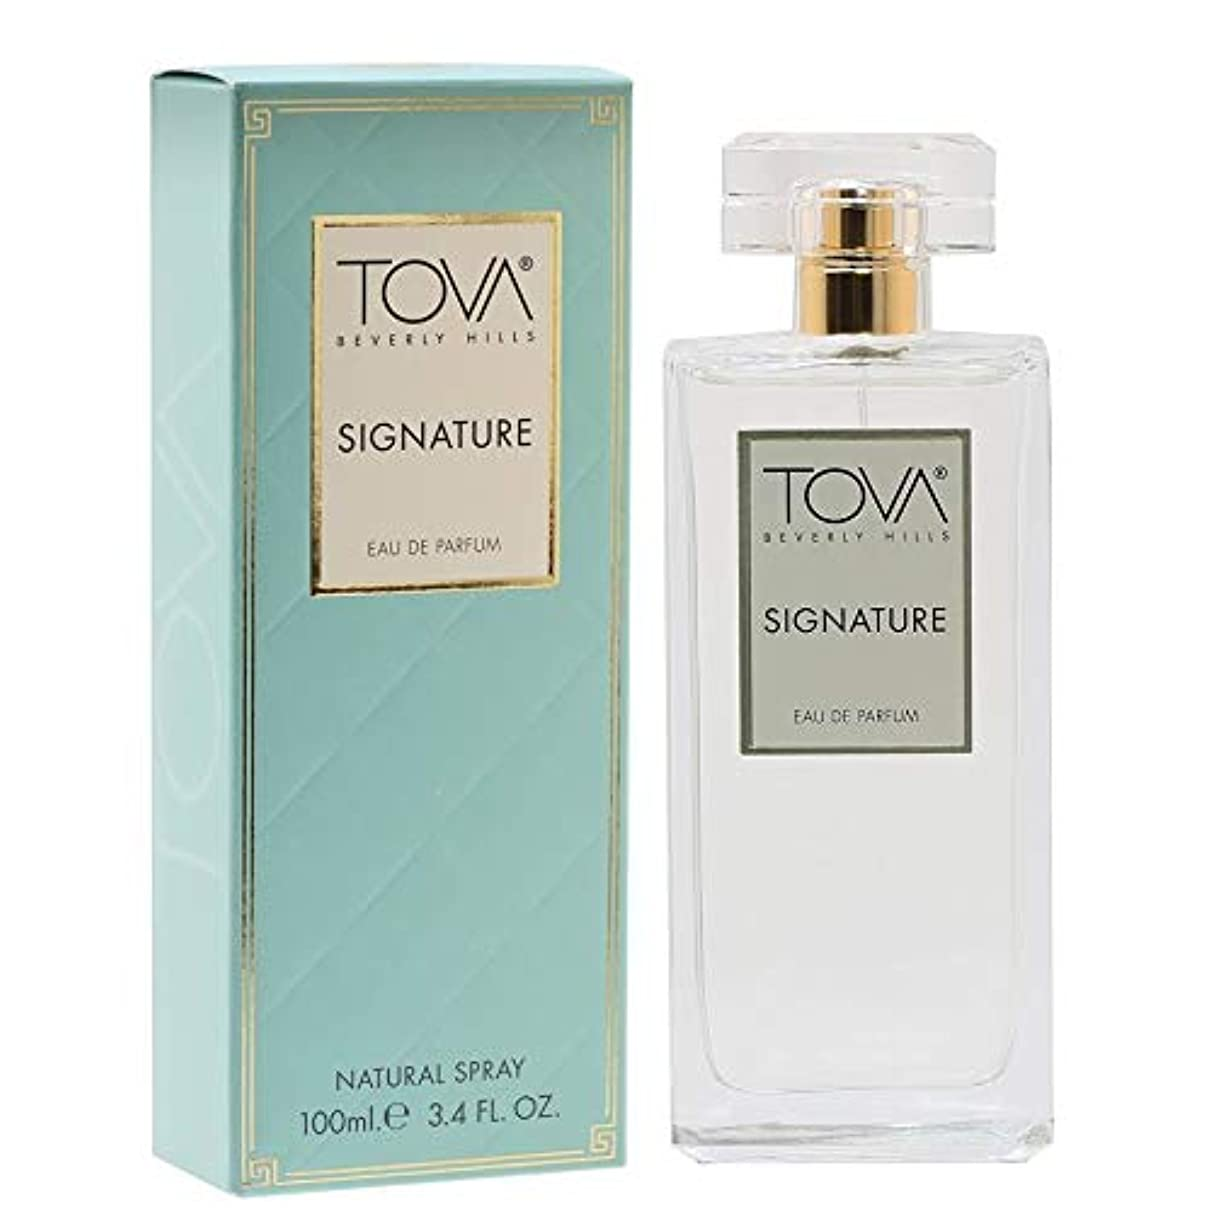 ヒロイック樹木伝染性のTova Signature Fragrance (トヴァ シグネチャ- フレグランス) 3.4 oz (100ml) EDP Spray (New Package 新デザイン)